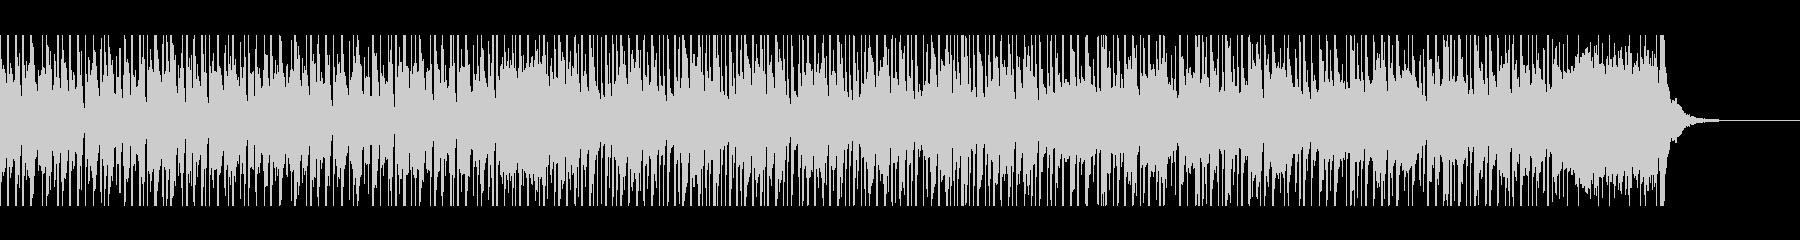 アラビアベリーダンス(60秒)の未再生の波形